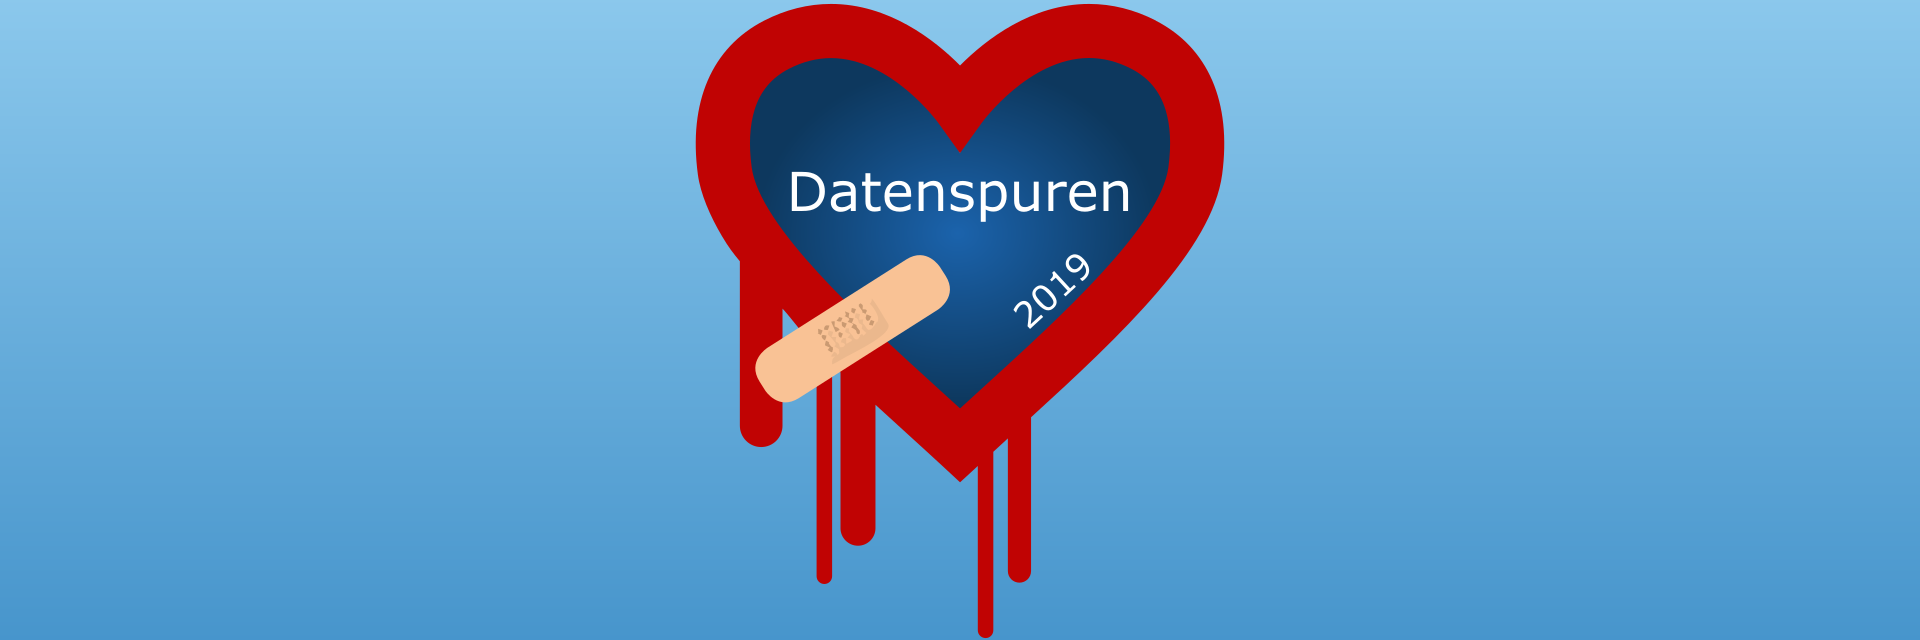 Datenspuren 2019